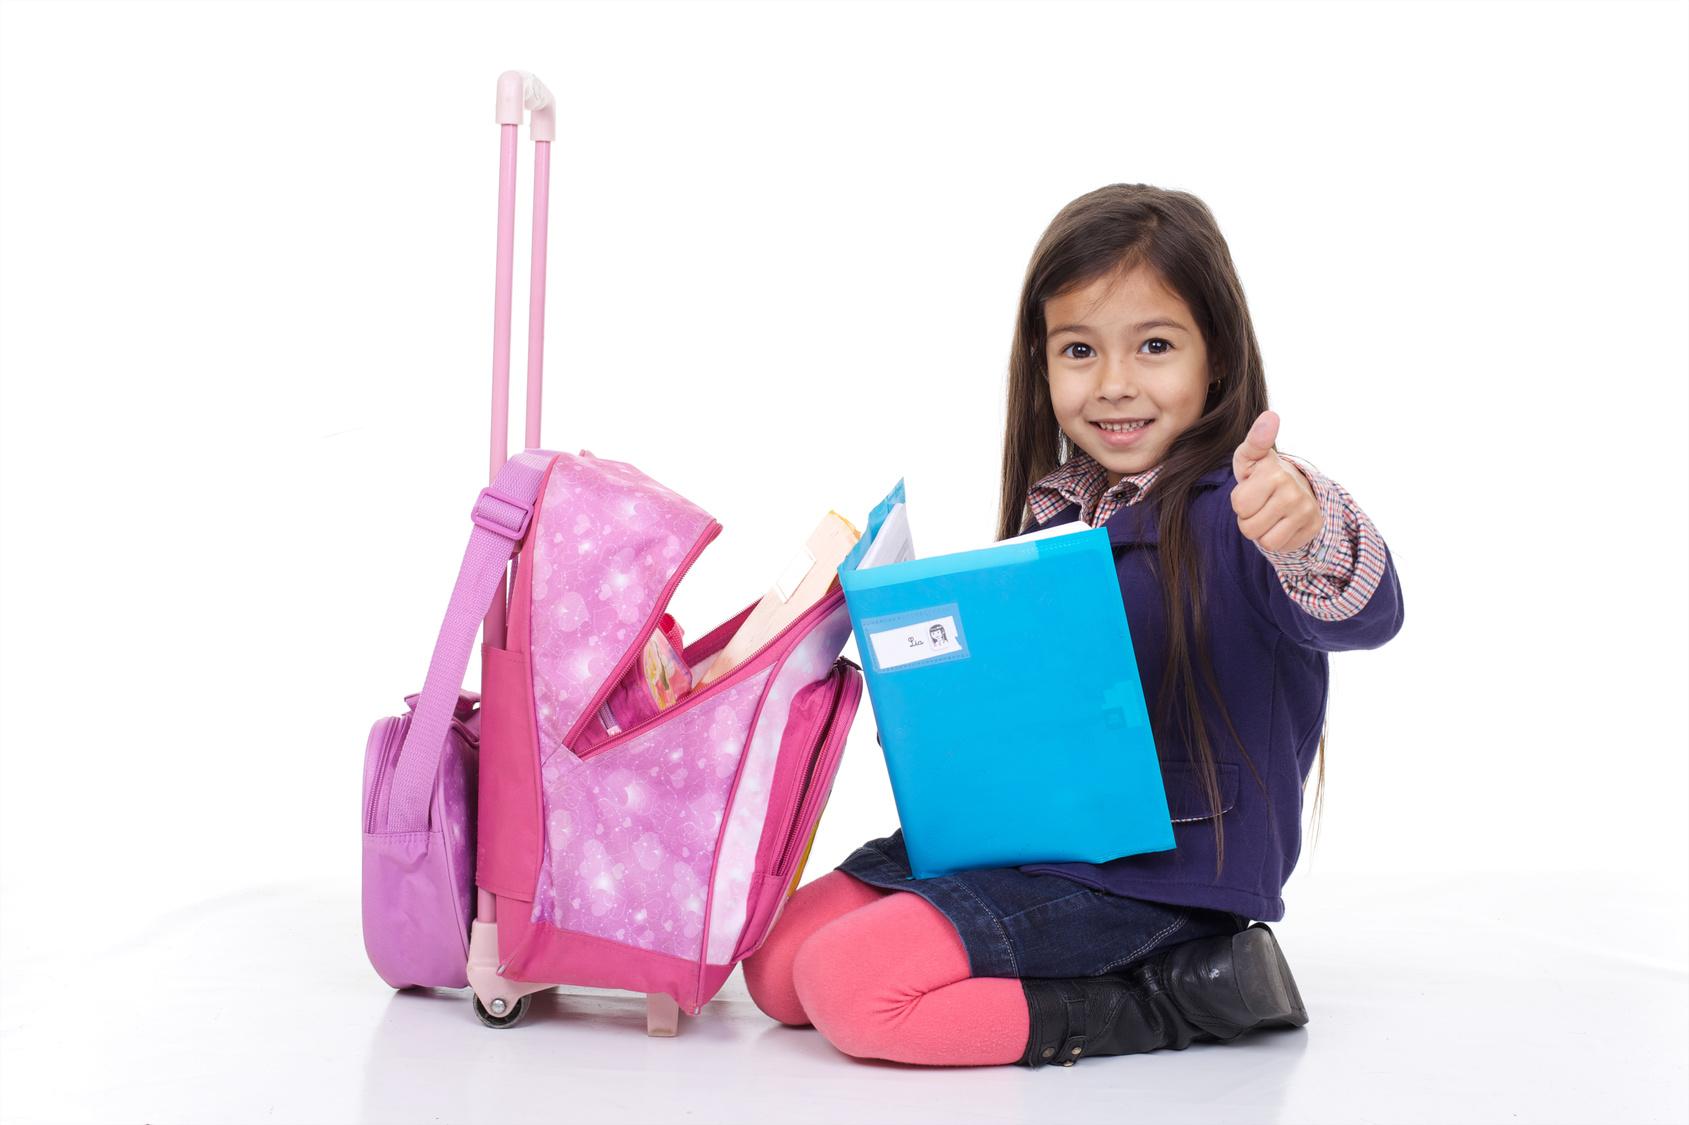 ¿Carrito escolar o mochila? ¿Qué es mejor para la espalda de un niño?